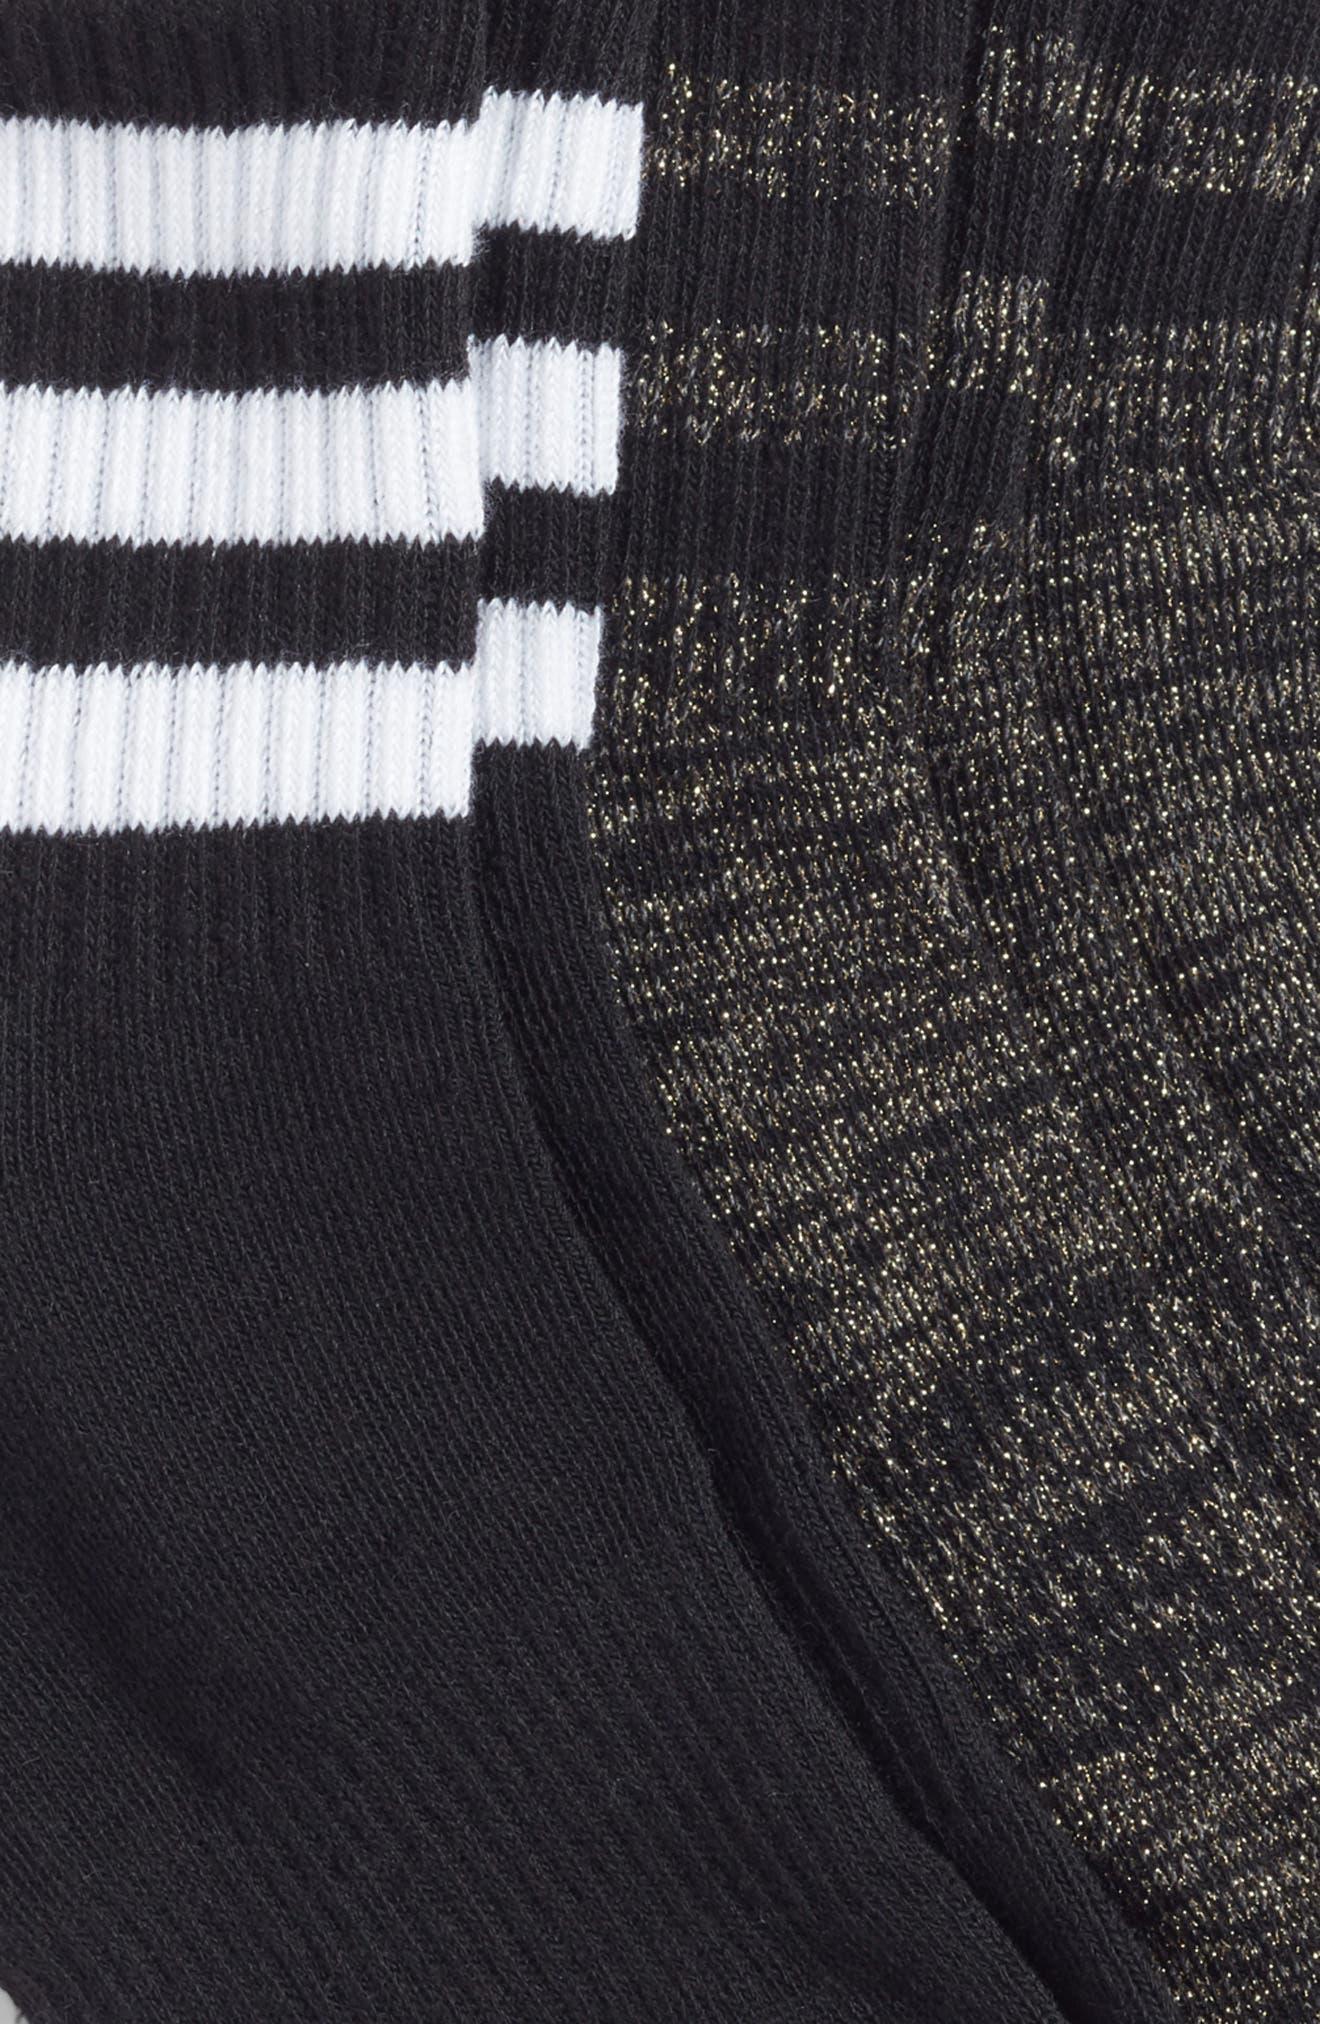 3-Stripes 3-Pack Ankle Socks,                             Alternate thumbnail 2, color,                             001